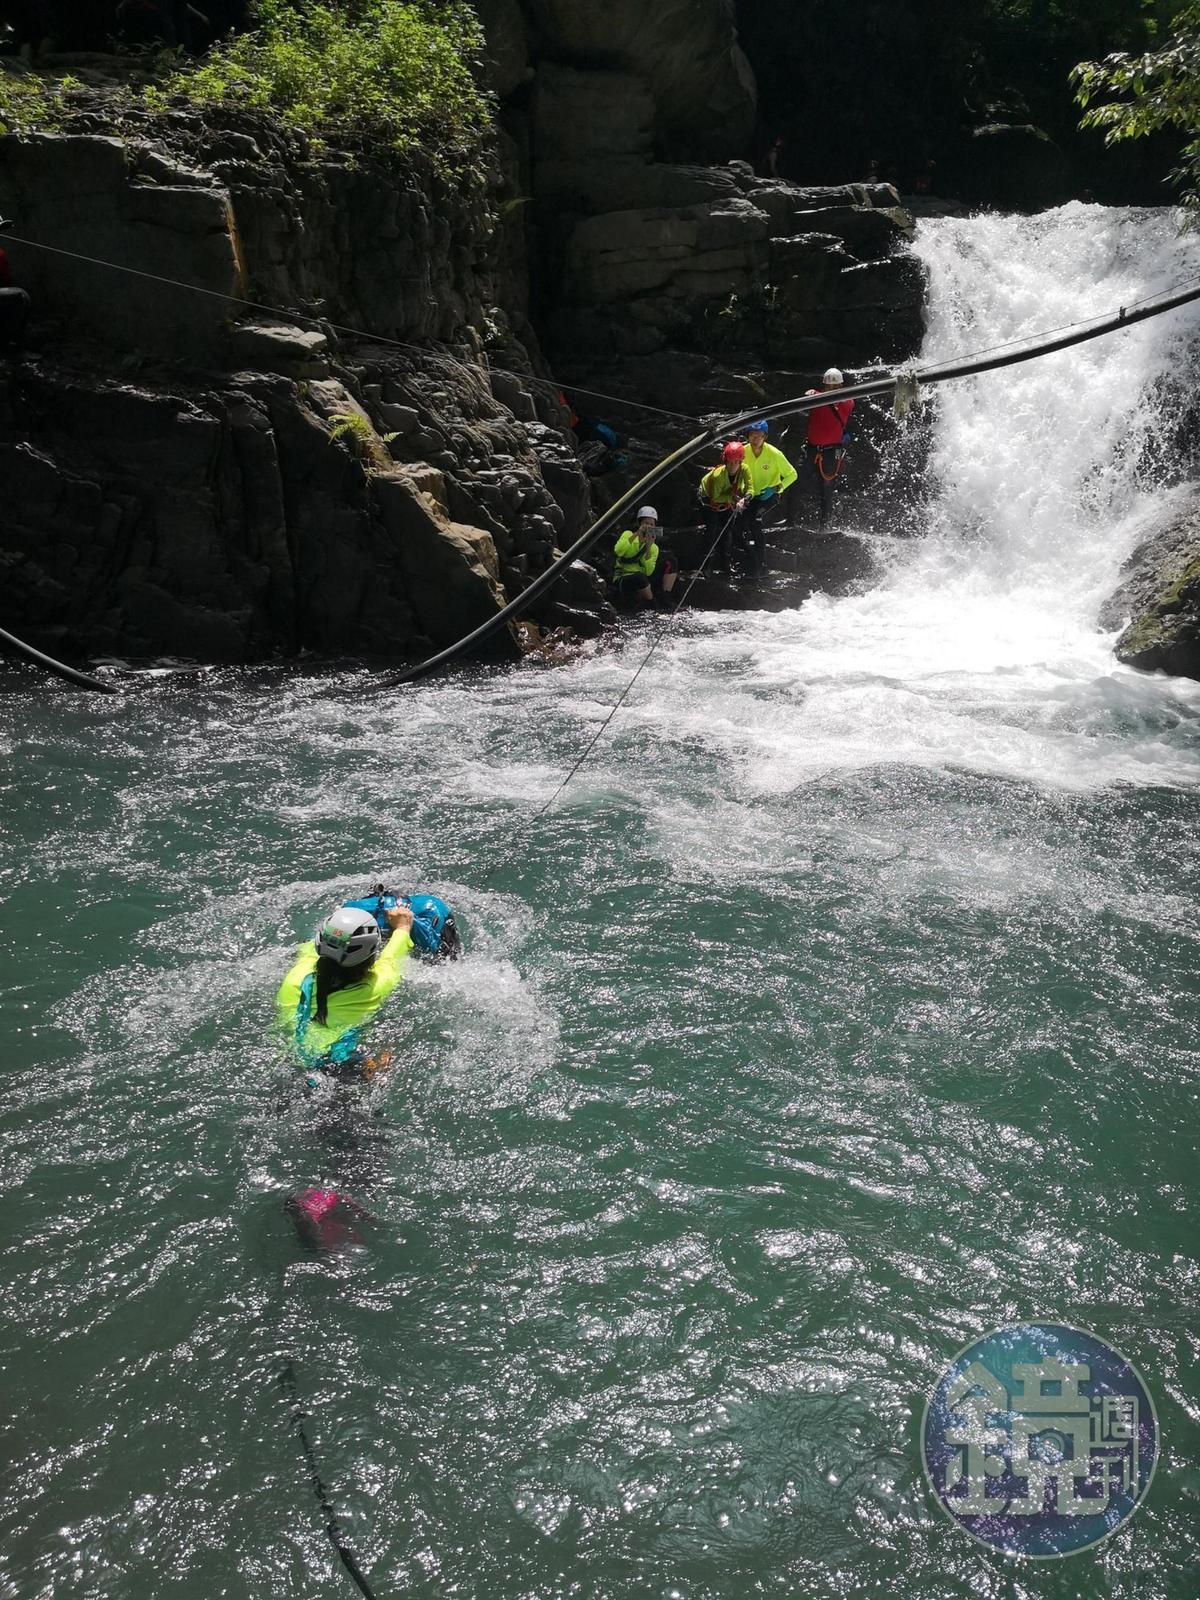 溯溪的深潭橫渡,也是課程體驗之一。